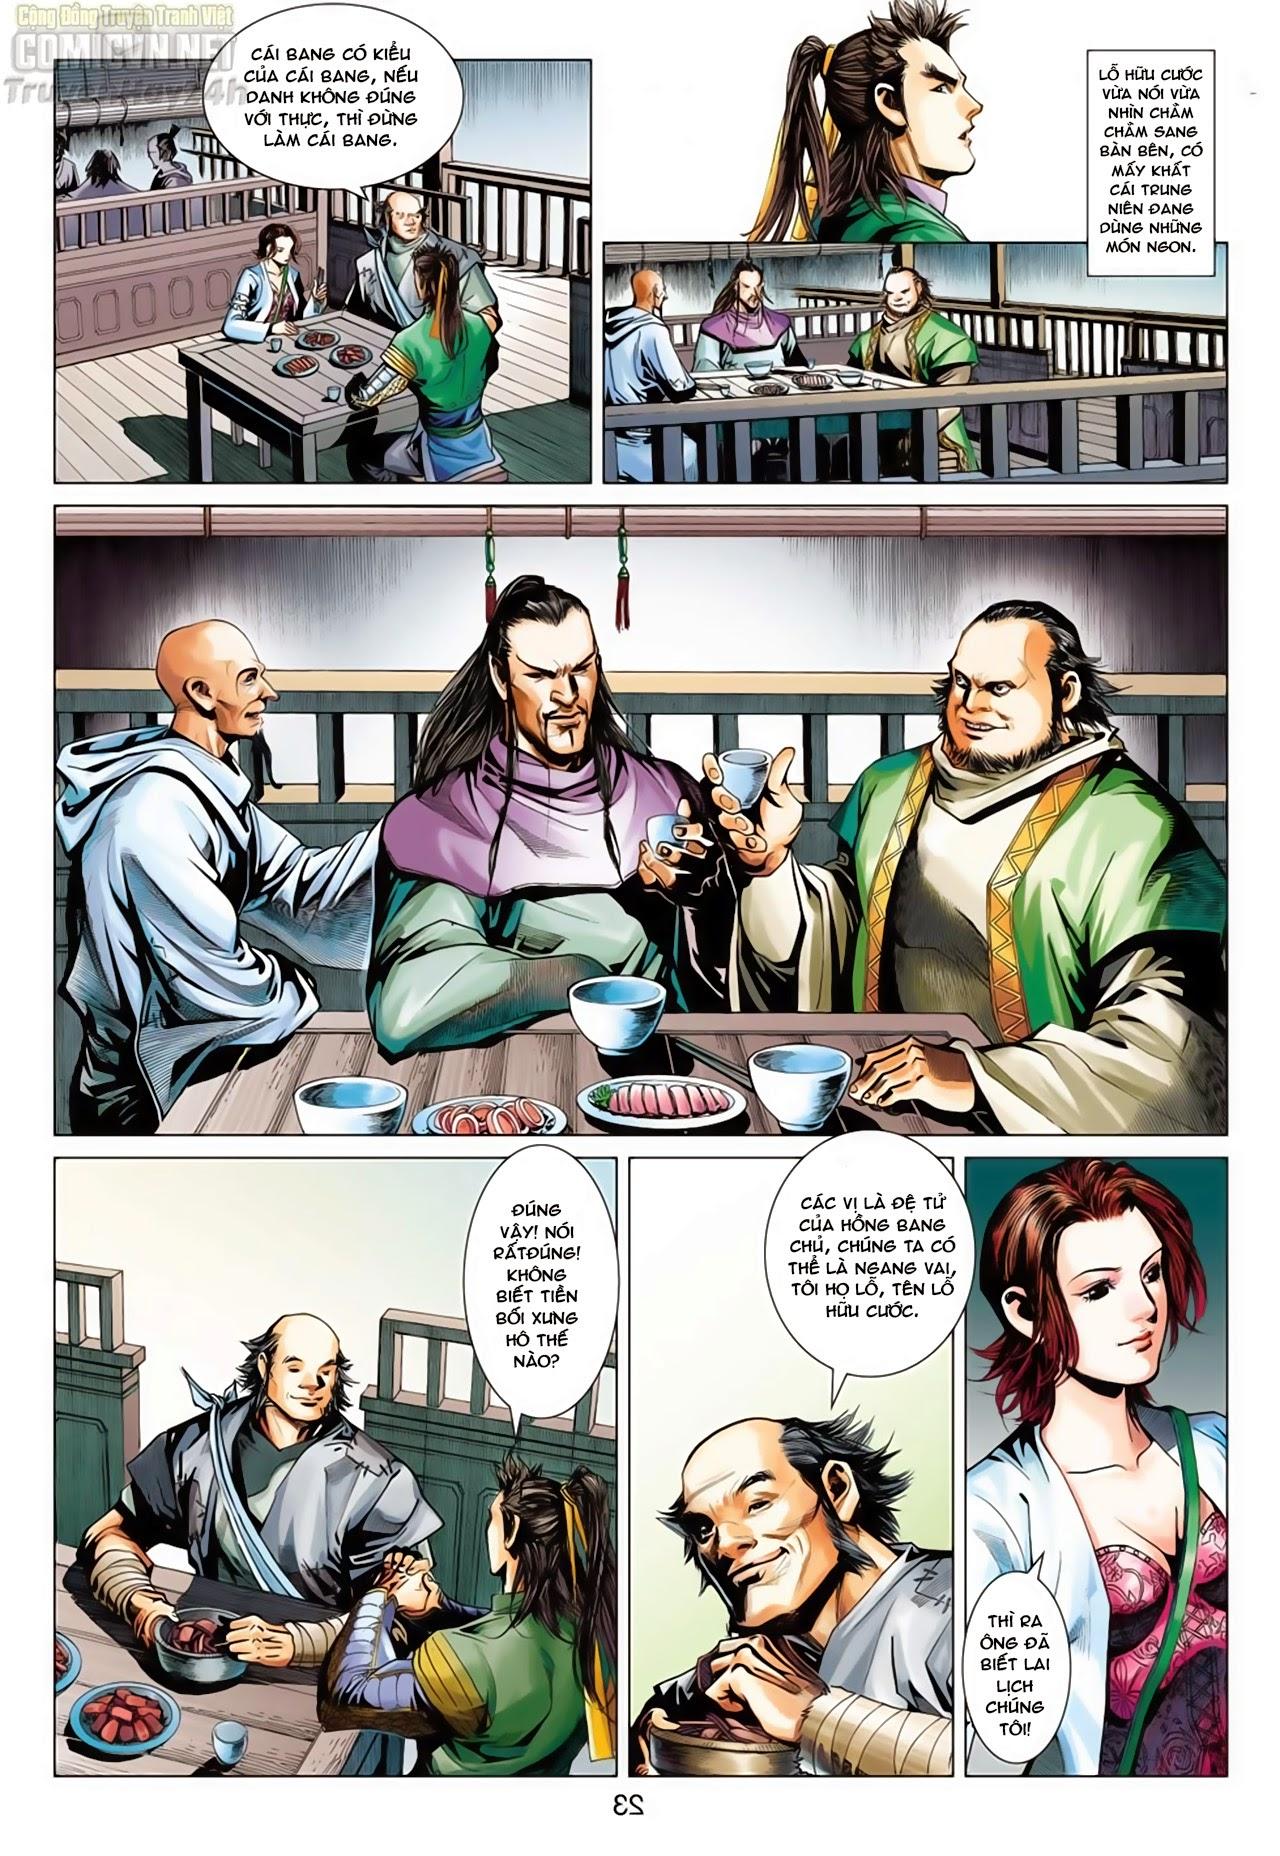 xem truyen moi - Anh Hùng Xạ Điêu - Chapter 65: Cái Bang Tân Chủ